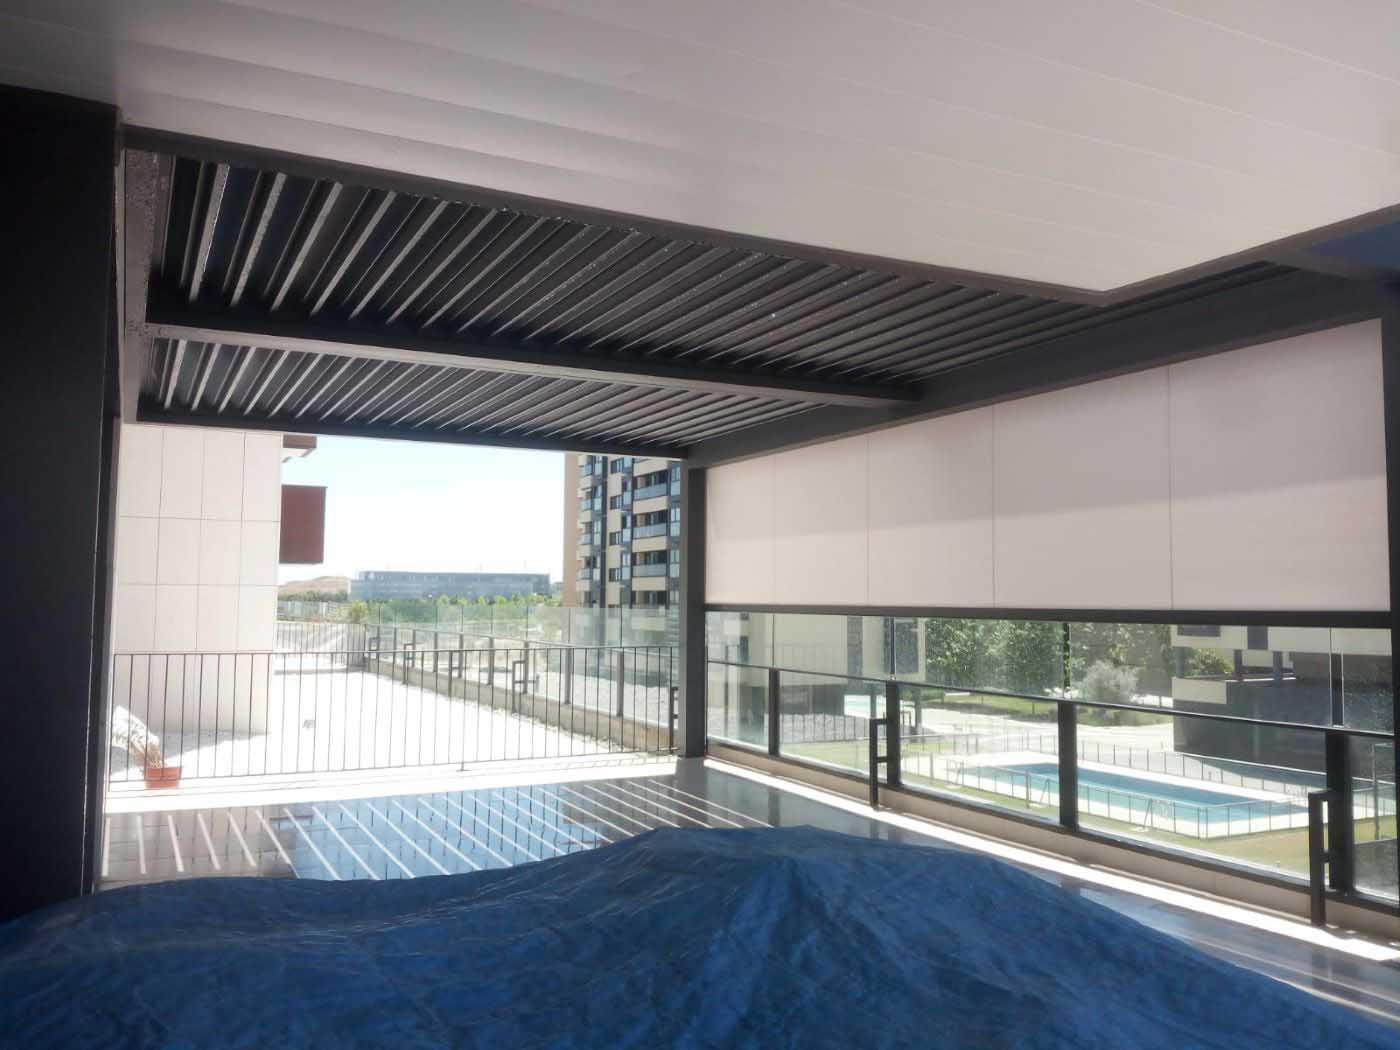 bioclimaticos techos